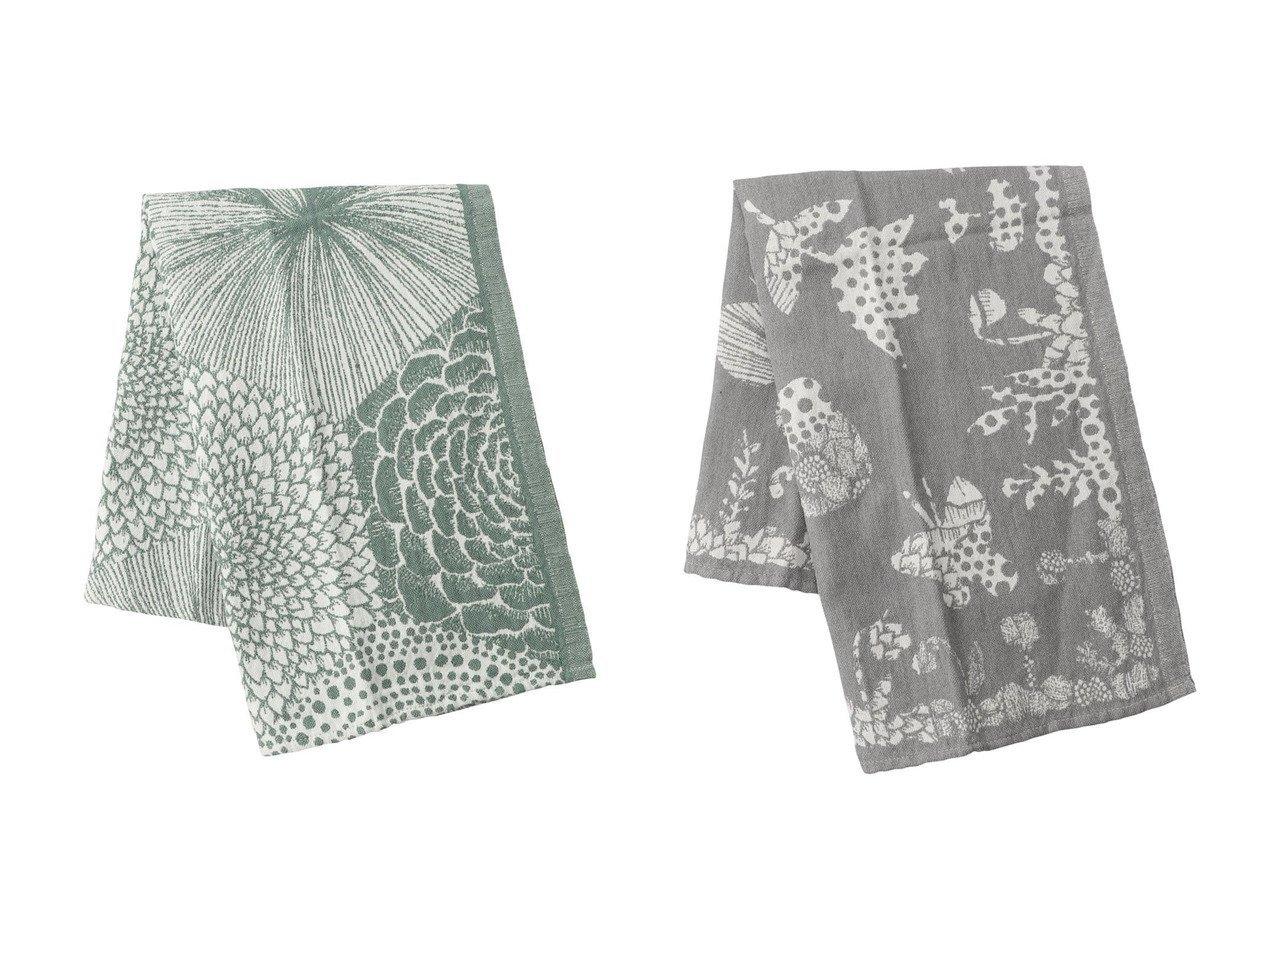 【LAPUAN KANKURIT / GOODS/ラプアン カンクリ】のAAMOS towel&RUUT towel おすすめ!人気、レディースファッションの通販 おすすめで人気のファッション通販商品 インテリア・家具・キッズファッション・メンズファッション・レディースファッション・服の通販 founy(ファニー) https://founy.com/ サニタリー タオル モチーフ 吸水 クラシカル 人気 |ID:crp329100000003832